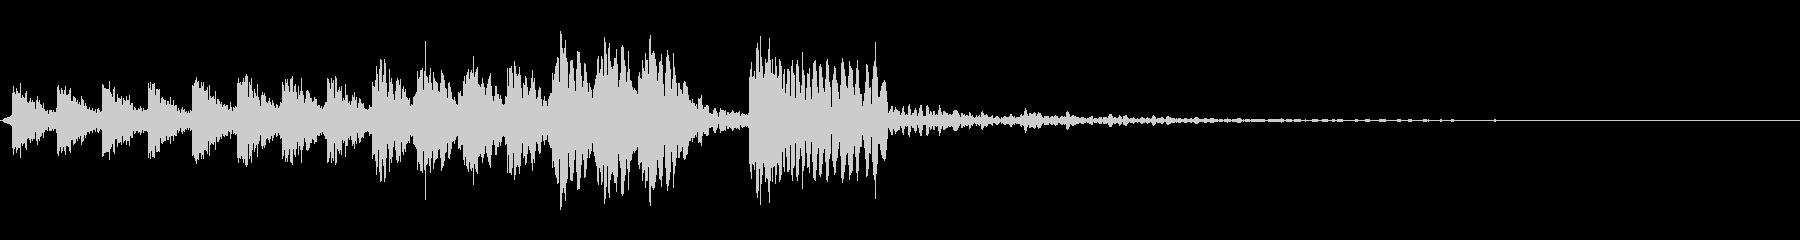 クライミングスワイプの未再生の波形